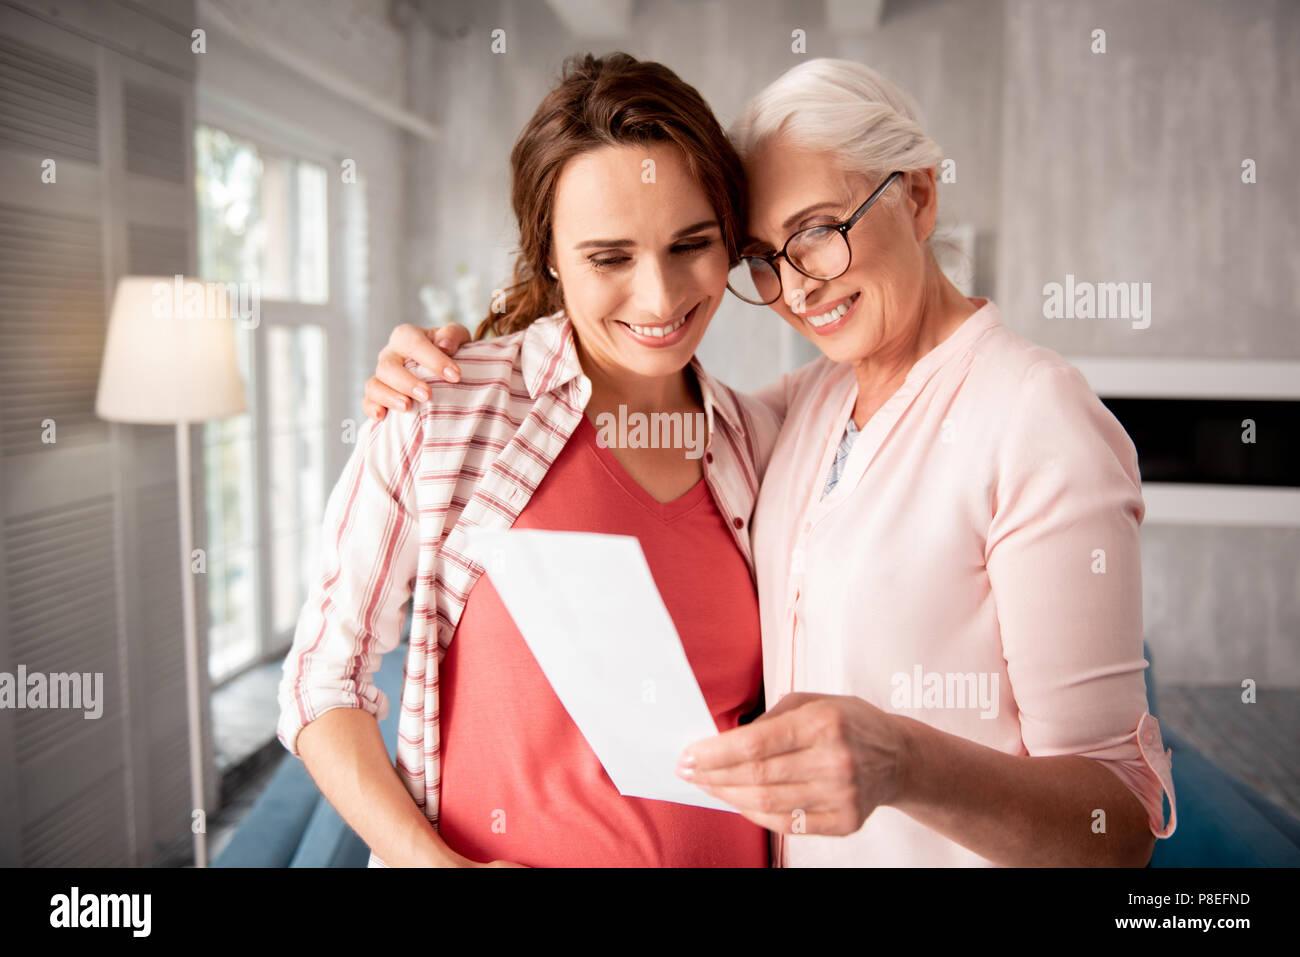 Femme en souriant lunettes apportent soutien à sa fille enceinte Photo Stock